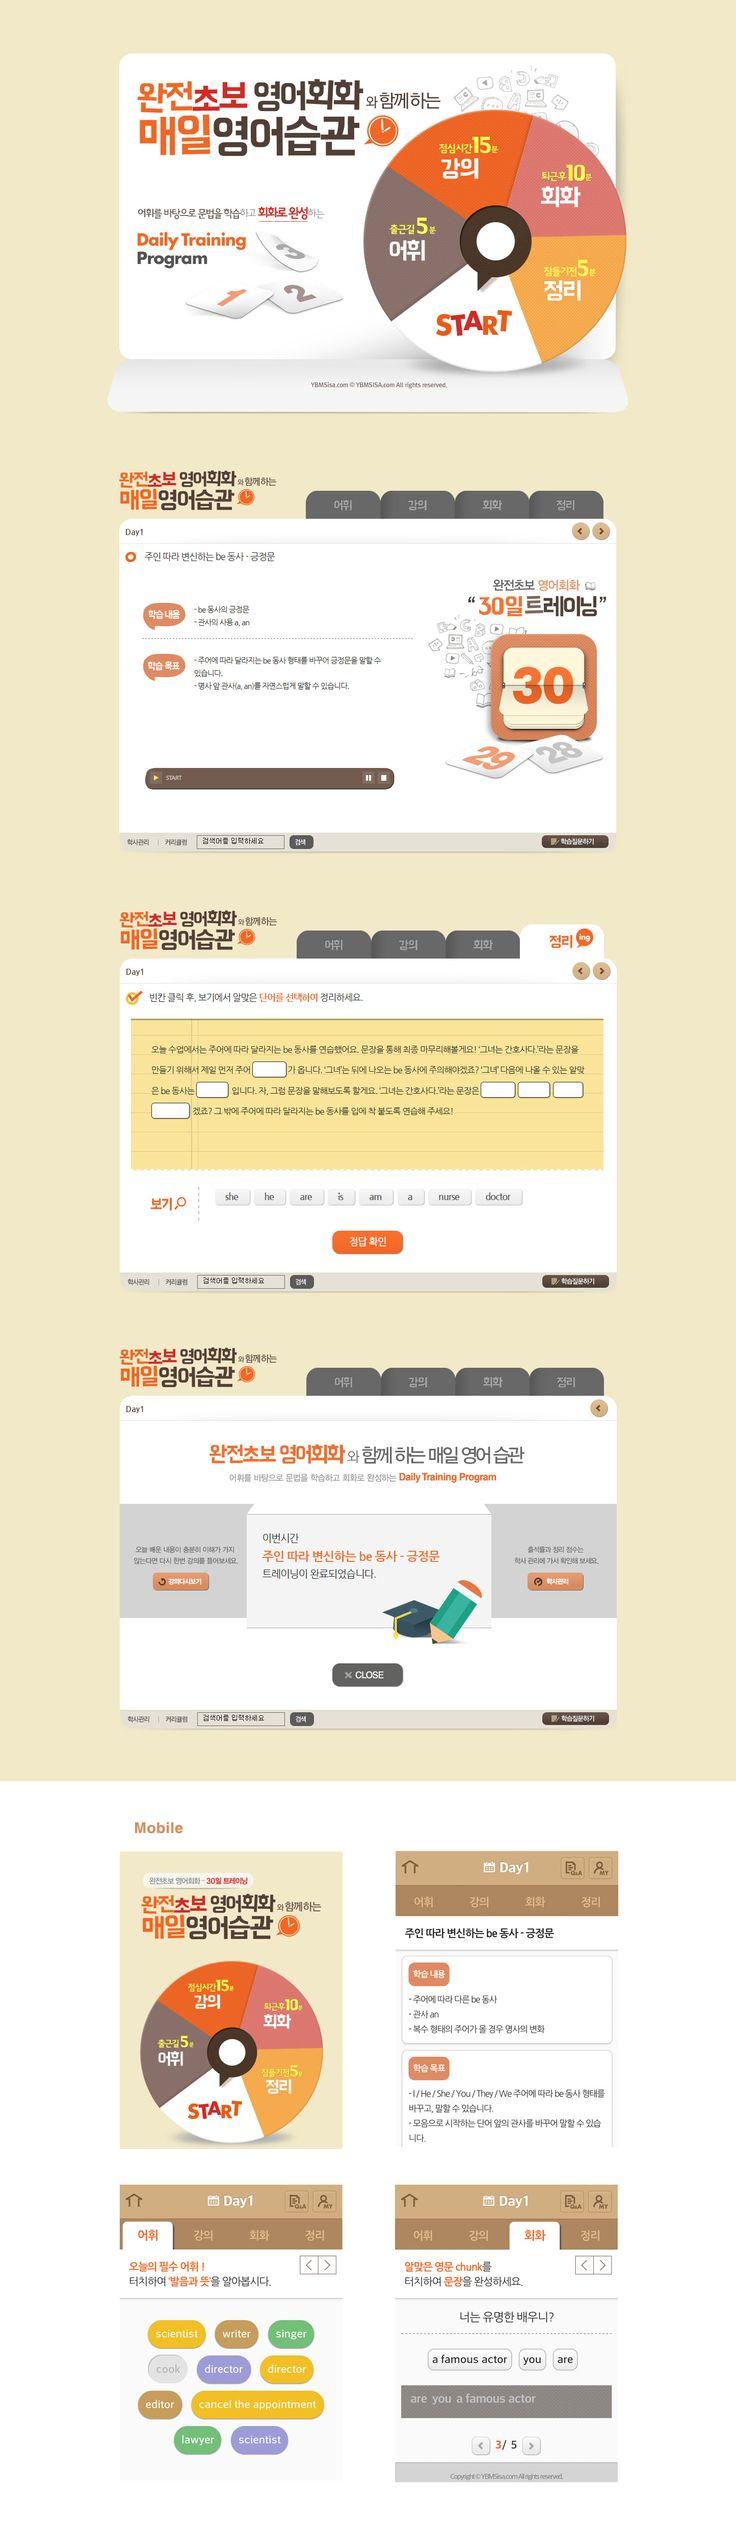 [강의창] 완전초보 영어회화 30일과정 (이순철)